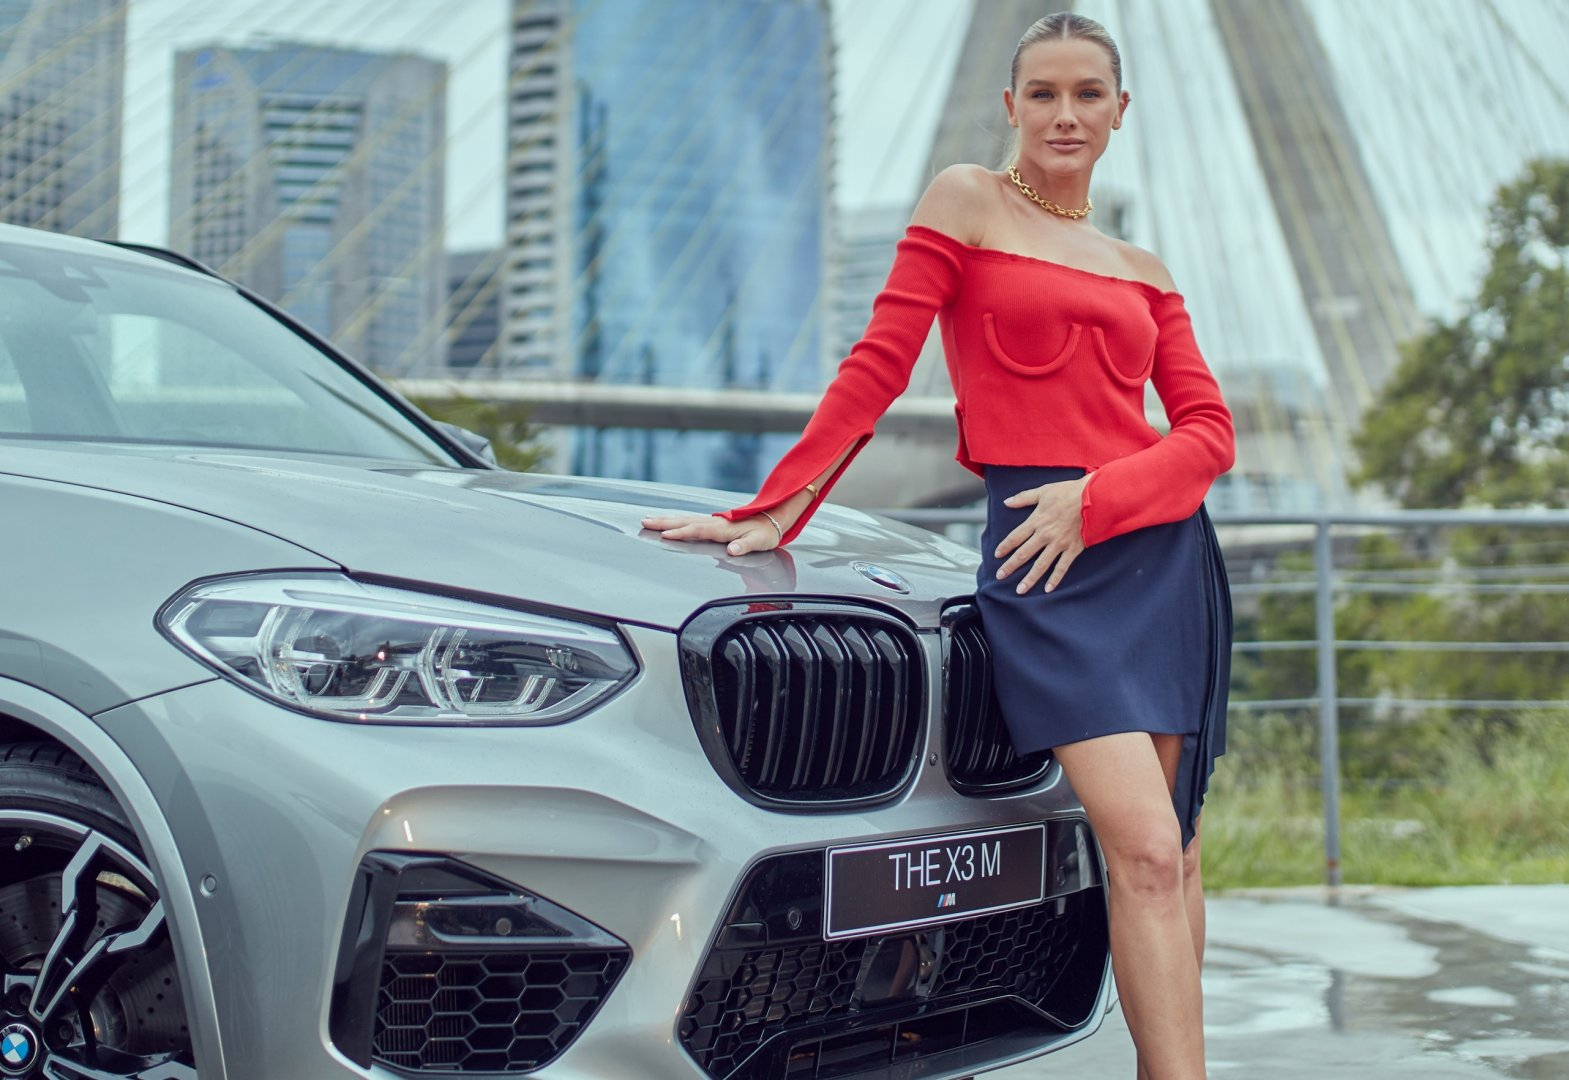 BMW do Brasil é a primeira fabricante premium nacional a ingressar no Tik Tok